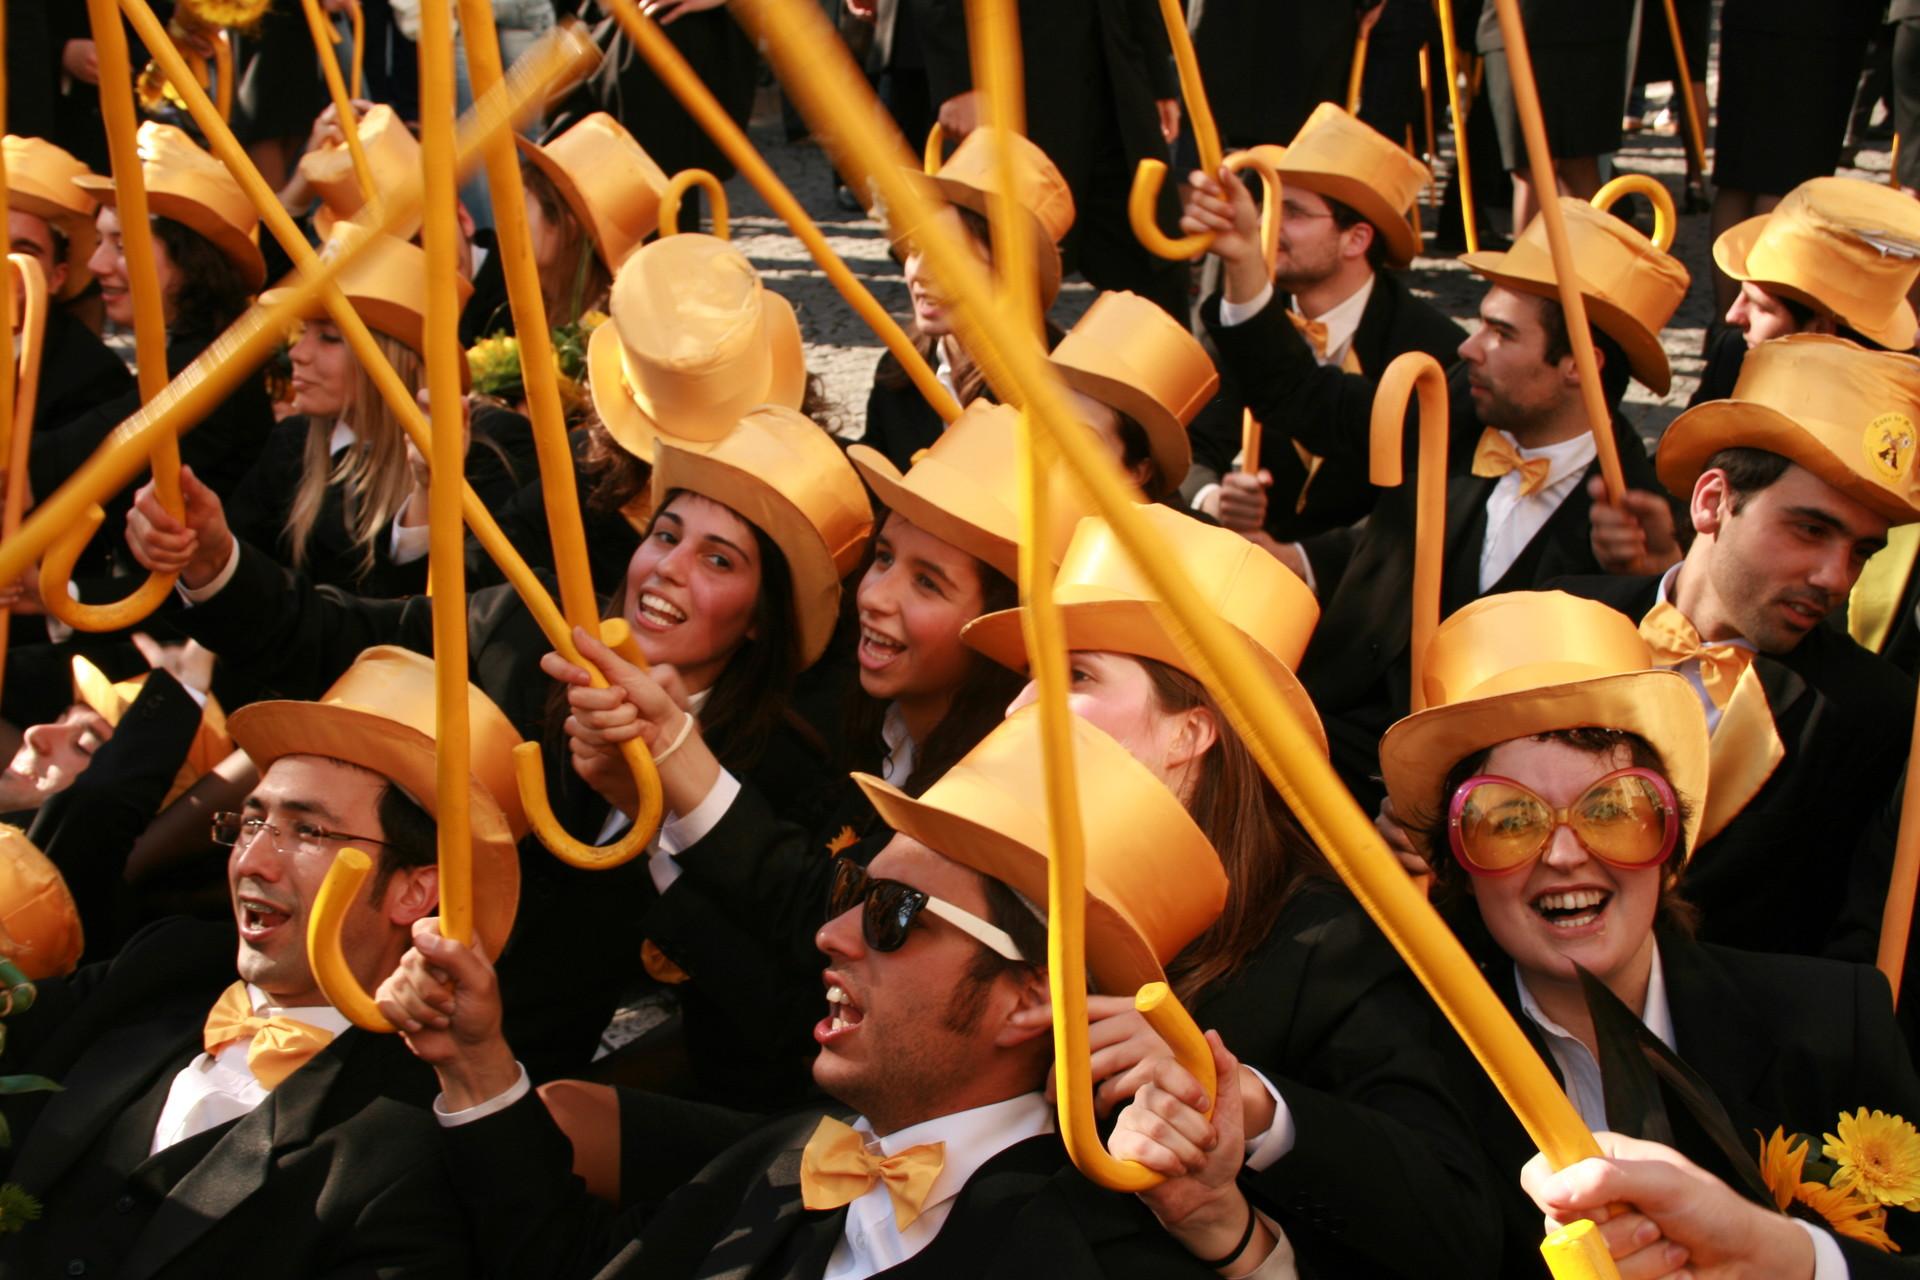 Praxe- Una tradición académica portuguesa